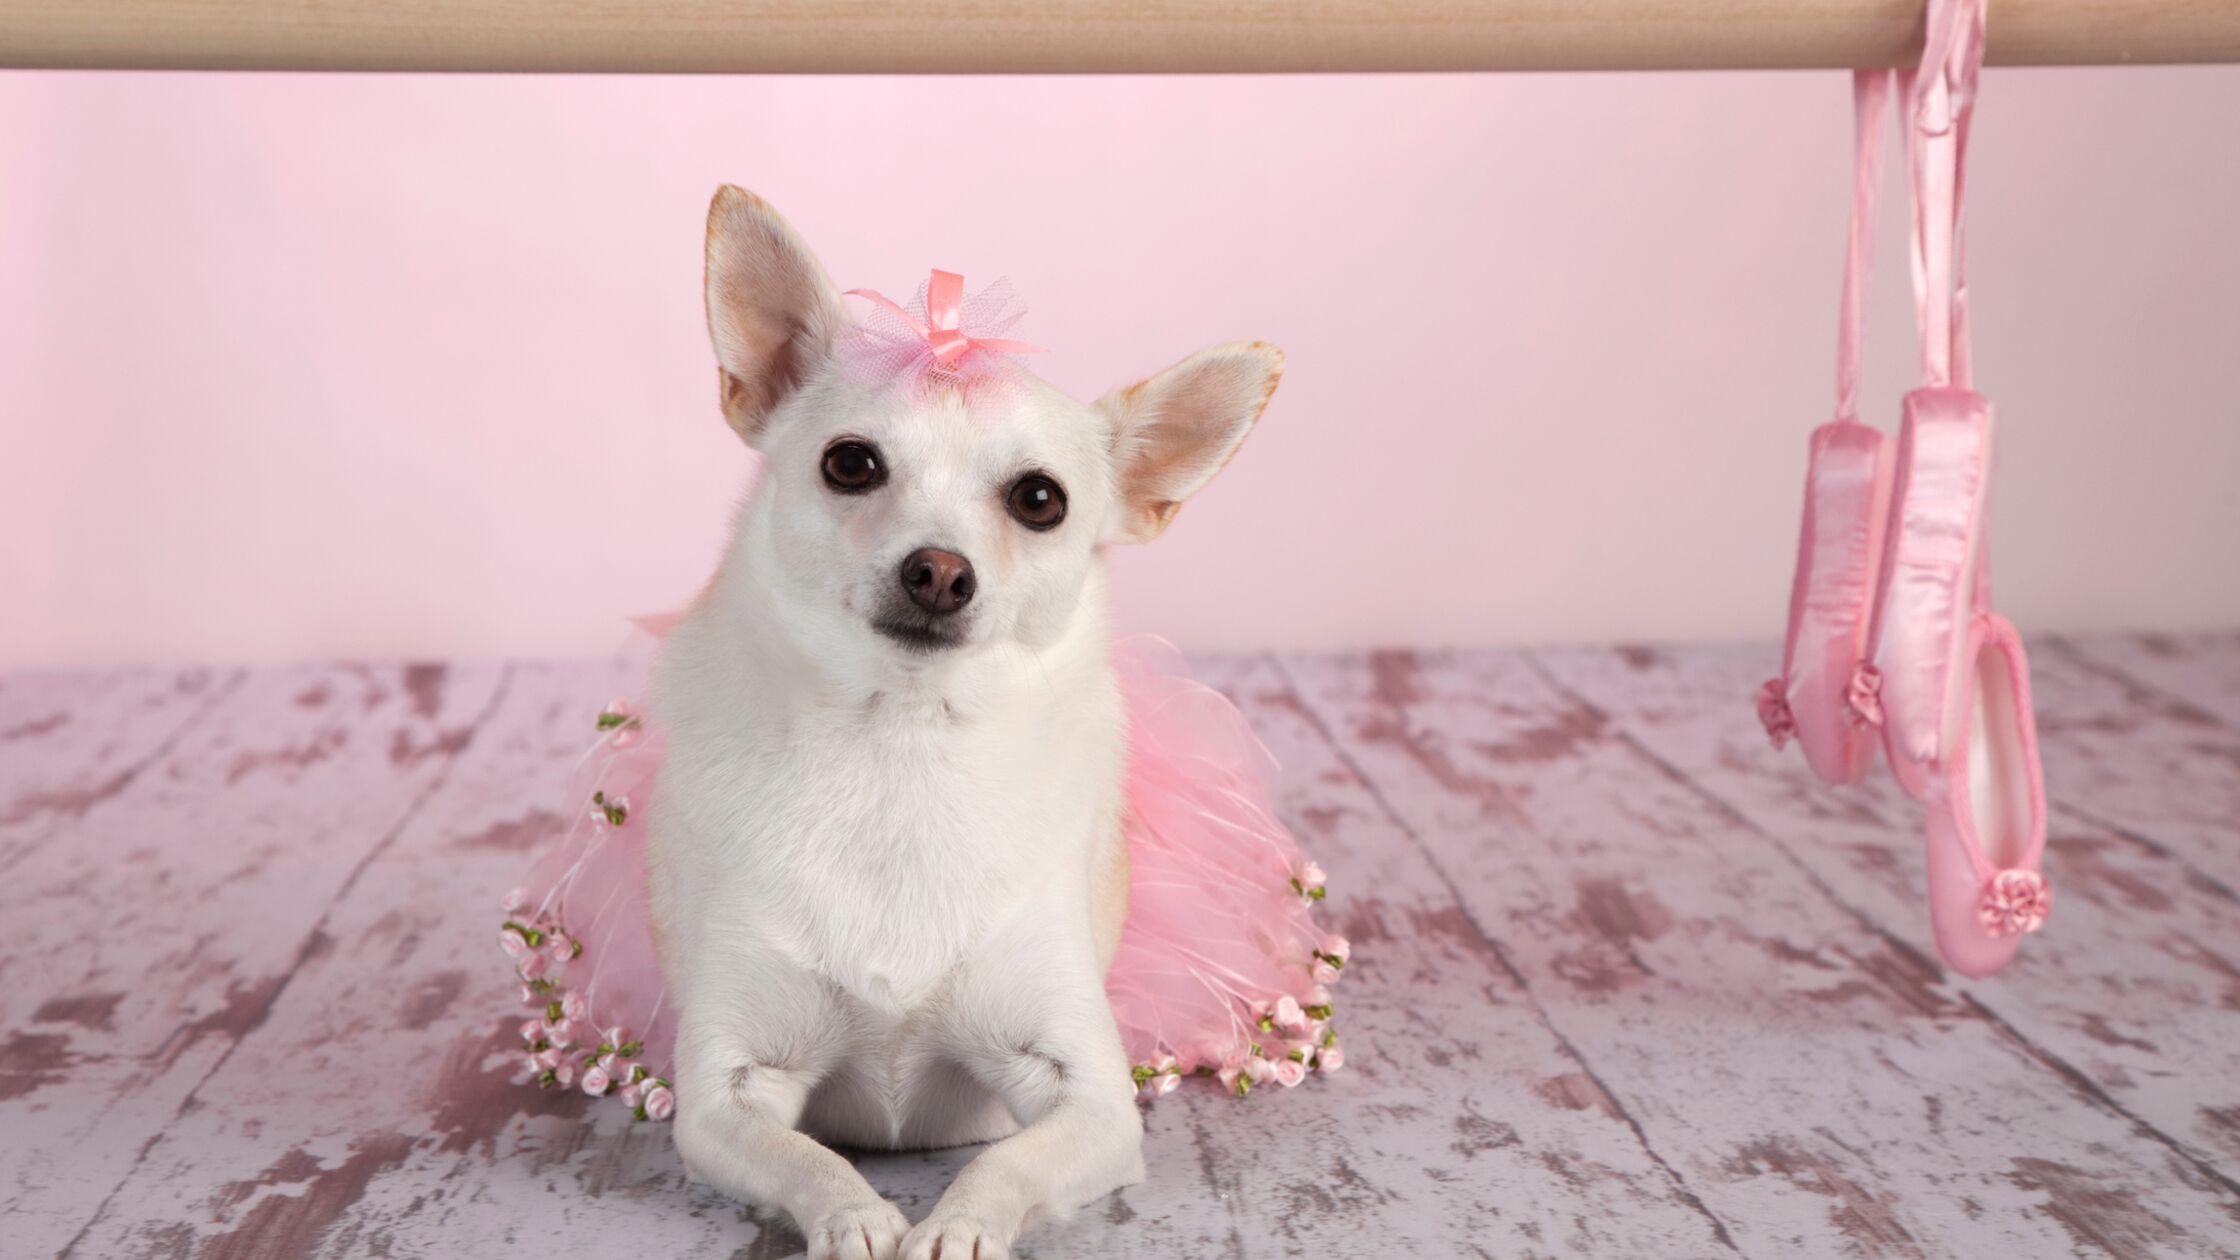 Chihuahua im rosafarbenen Tutu mit Schleifchen auf dem Kopf